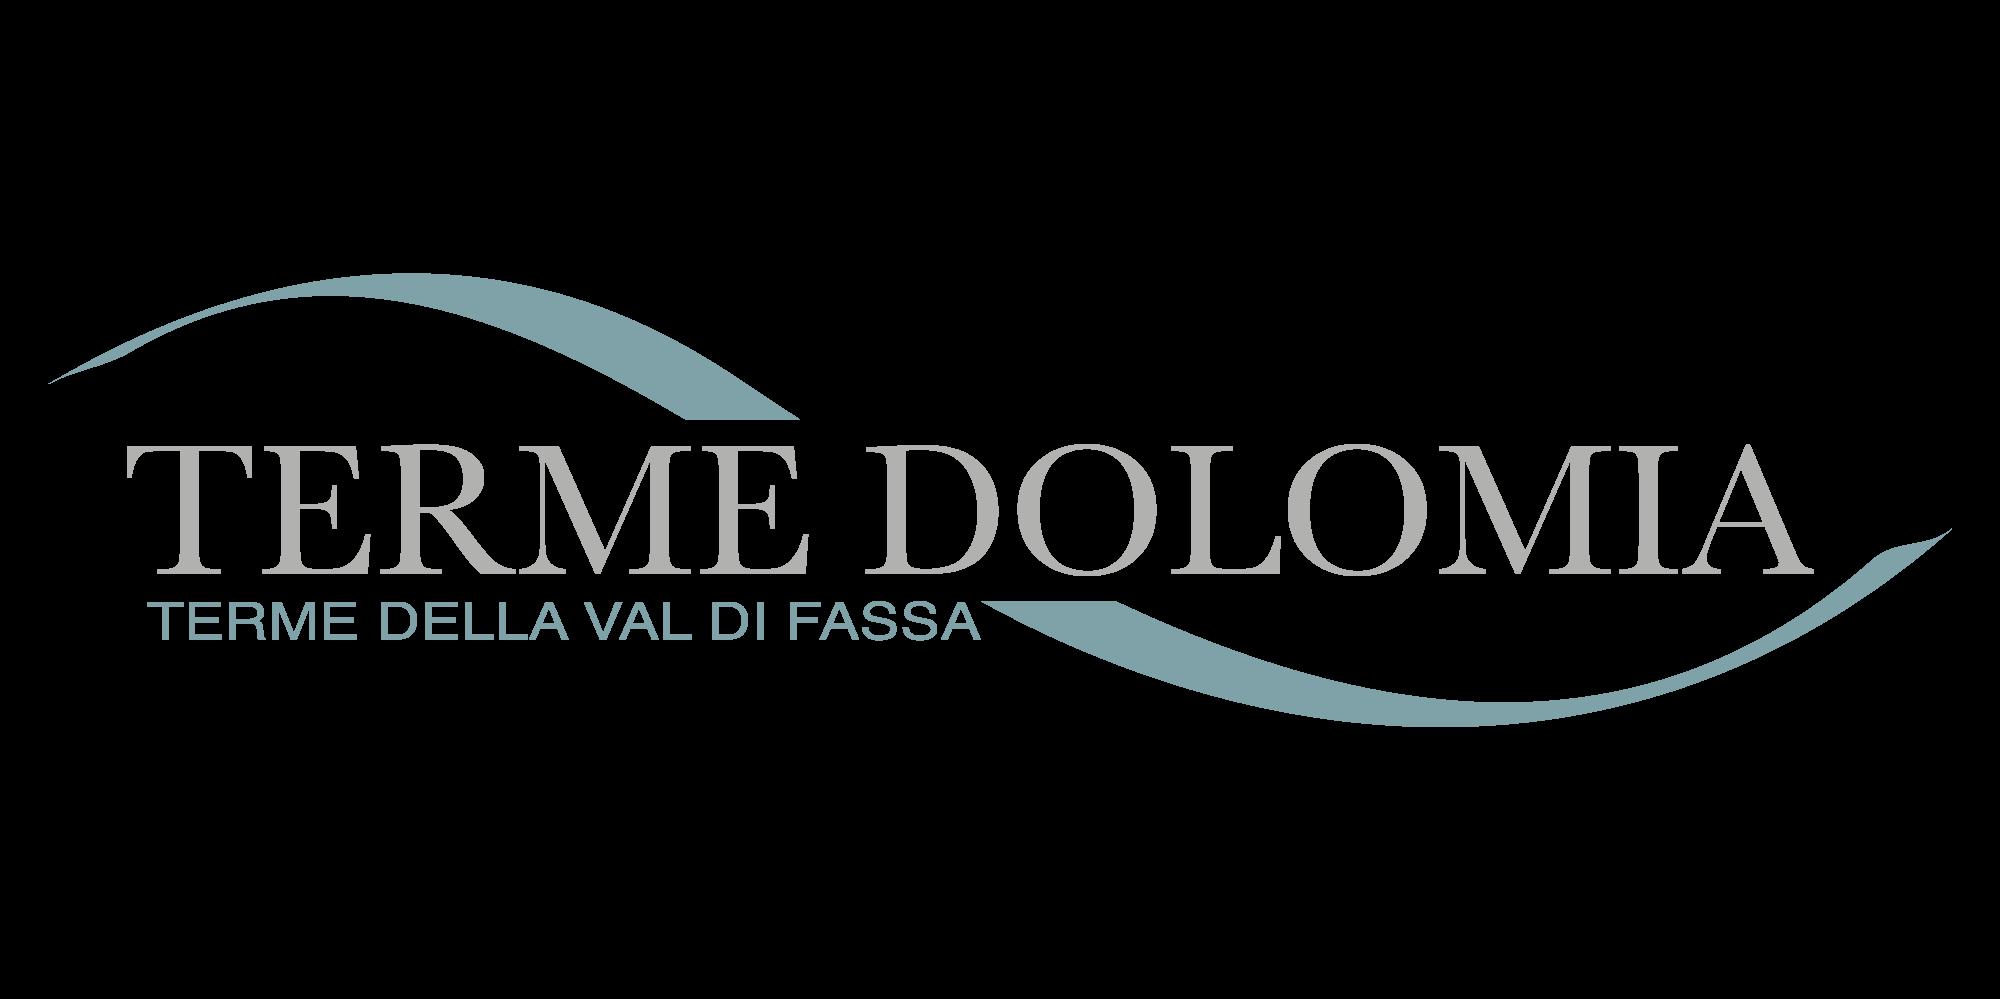 Terme Dolomia